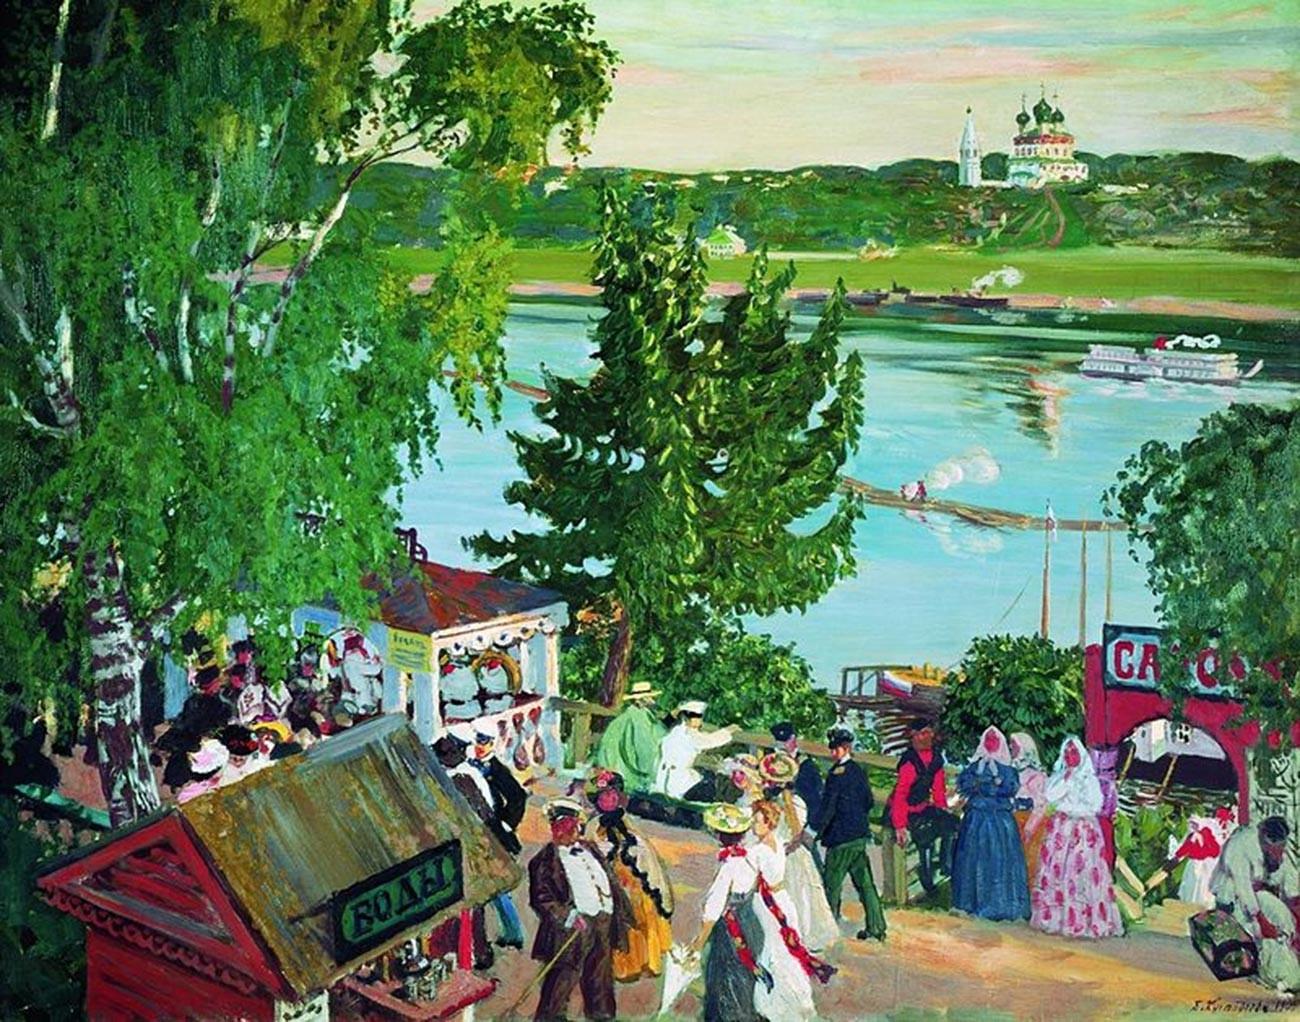 ボルガ川のお祭り(ヤロスラブリ州)、1909年